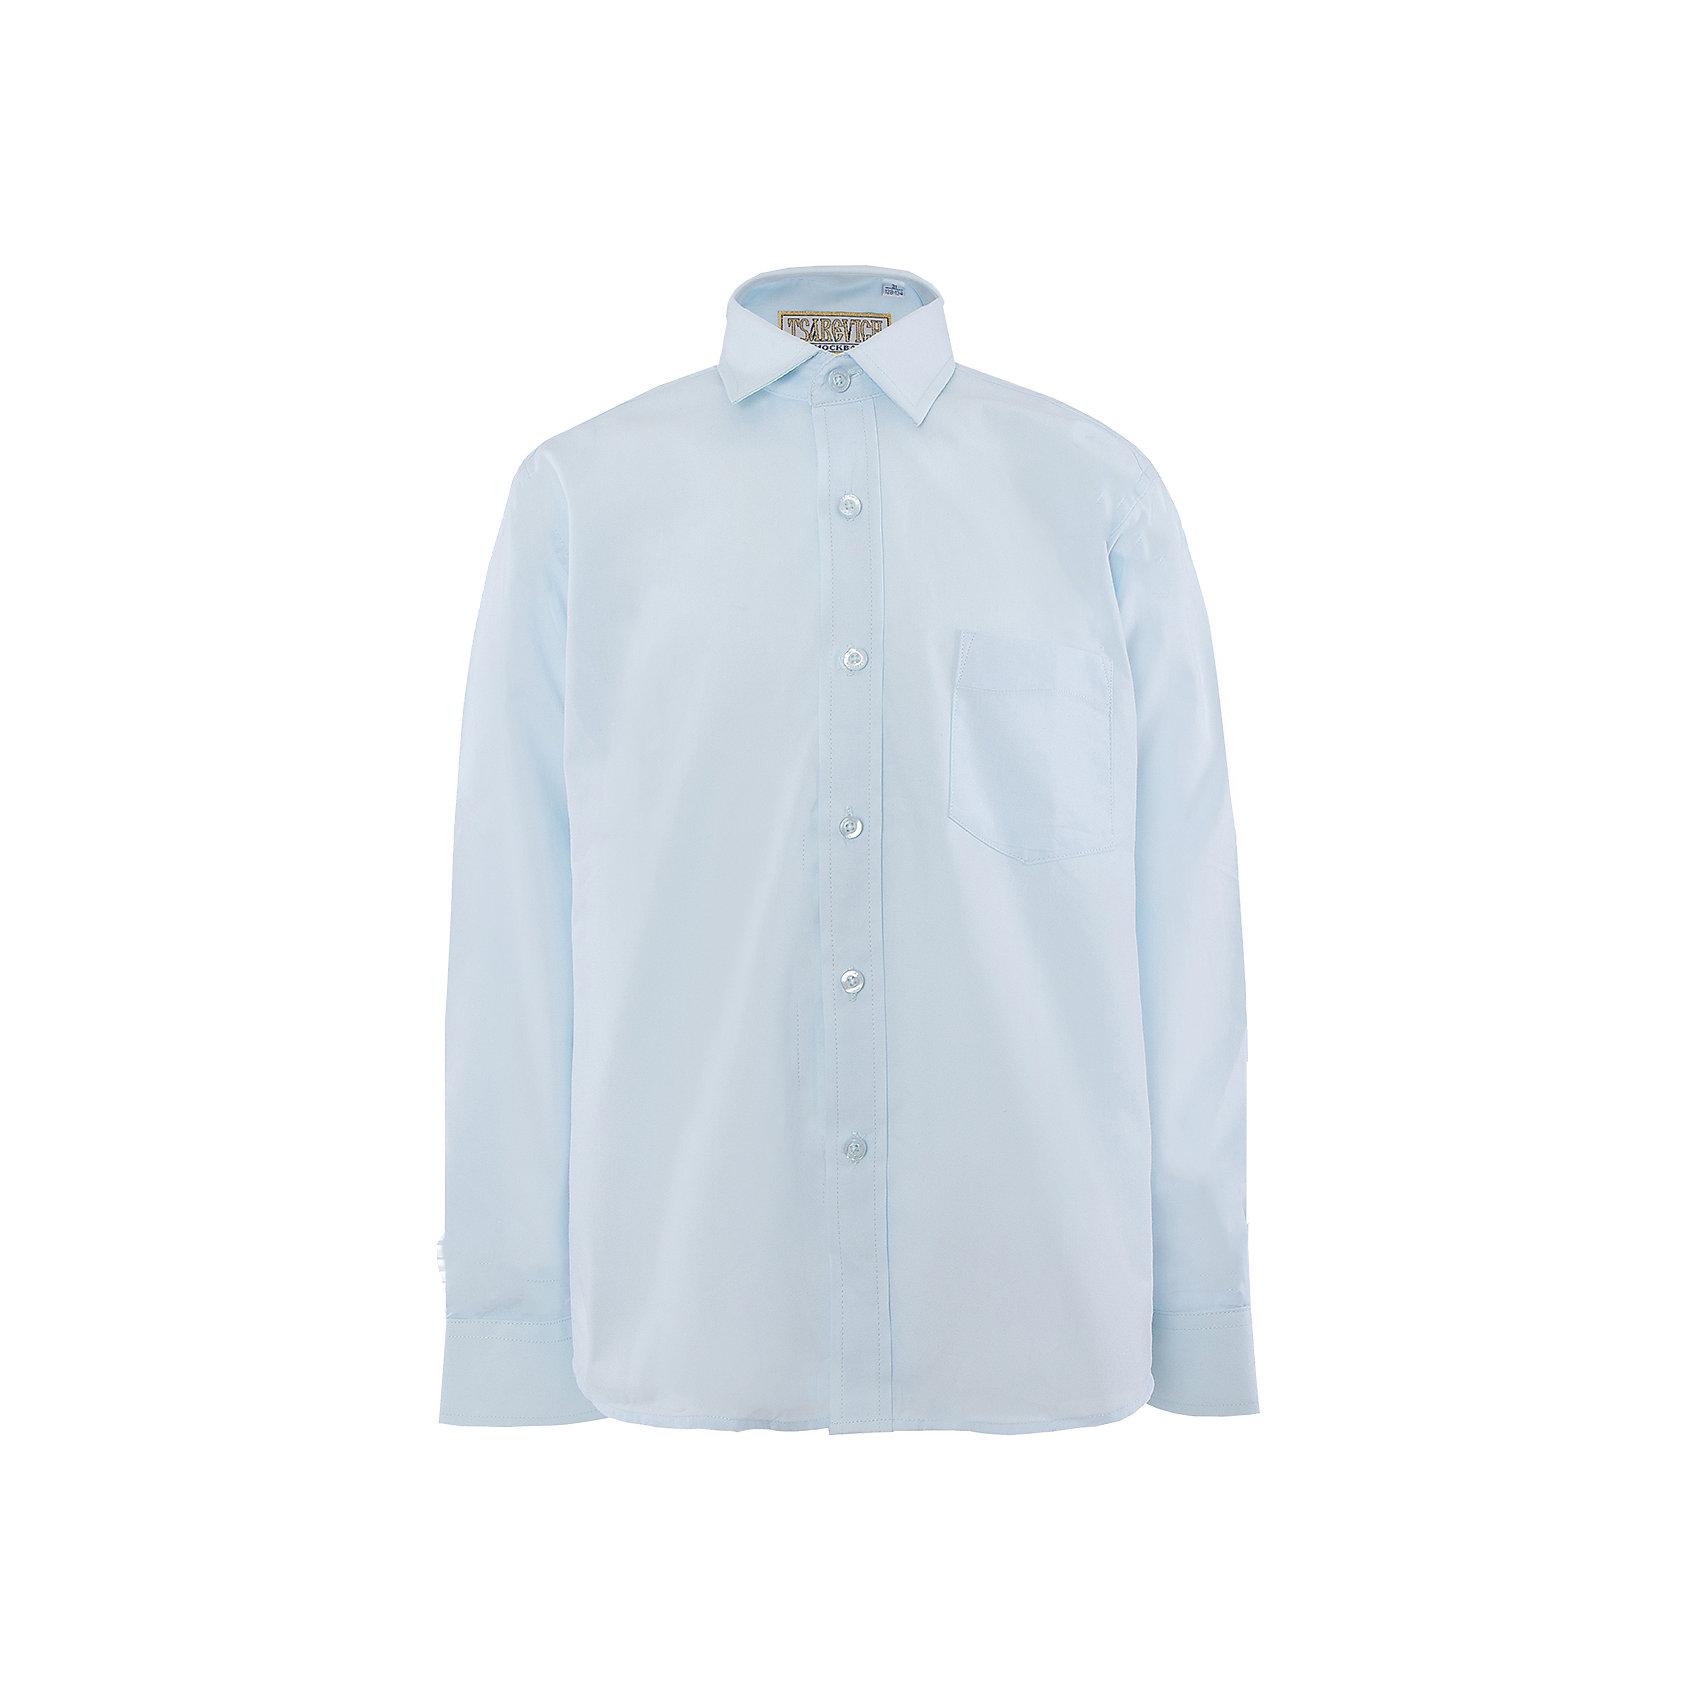 Рубашка для мальчика TsarevichКлассическая рубашка - неотьемлемая вещь в гардеробе. Модель на пуговицах, с отложным воротником. Свободный покрой не стеснит движений и позволит чувствовать себя комфортно каждый день.  Состав 80 % хл. 20% П/Э<br><br>Ширина мм: 174<br>Глубина мм: 10<br>Высота мм: 169<br>Вес г: 157<br>Цвет: голубой<br>Возраст от месяцев: 84<br>Возраст до месяцев: 96<br>Пол: Мужской<br>Возраст: Детский<br>Размер: 122/128,164/170,158/164,152/158,152/158,146/152,128/134,134/140,140/146,146/152<br>SKU: 4749326